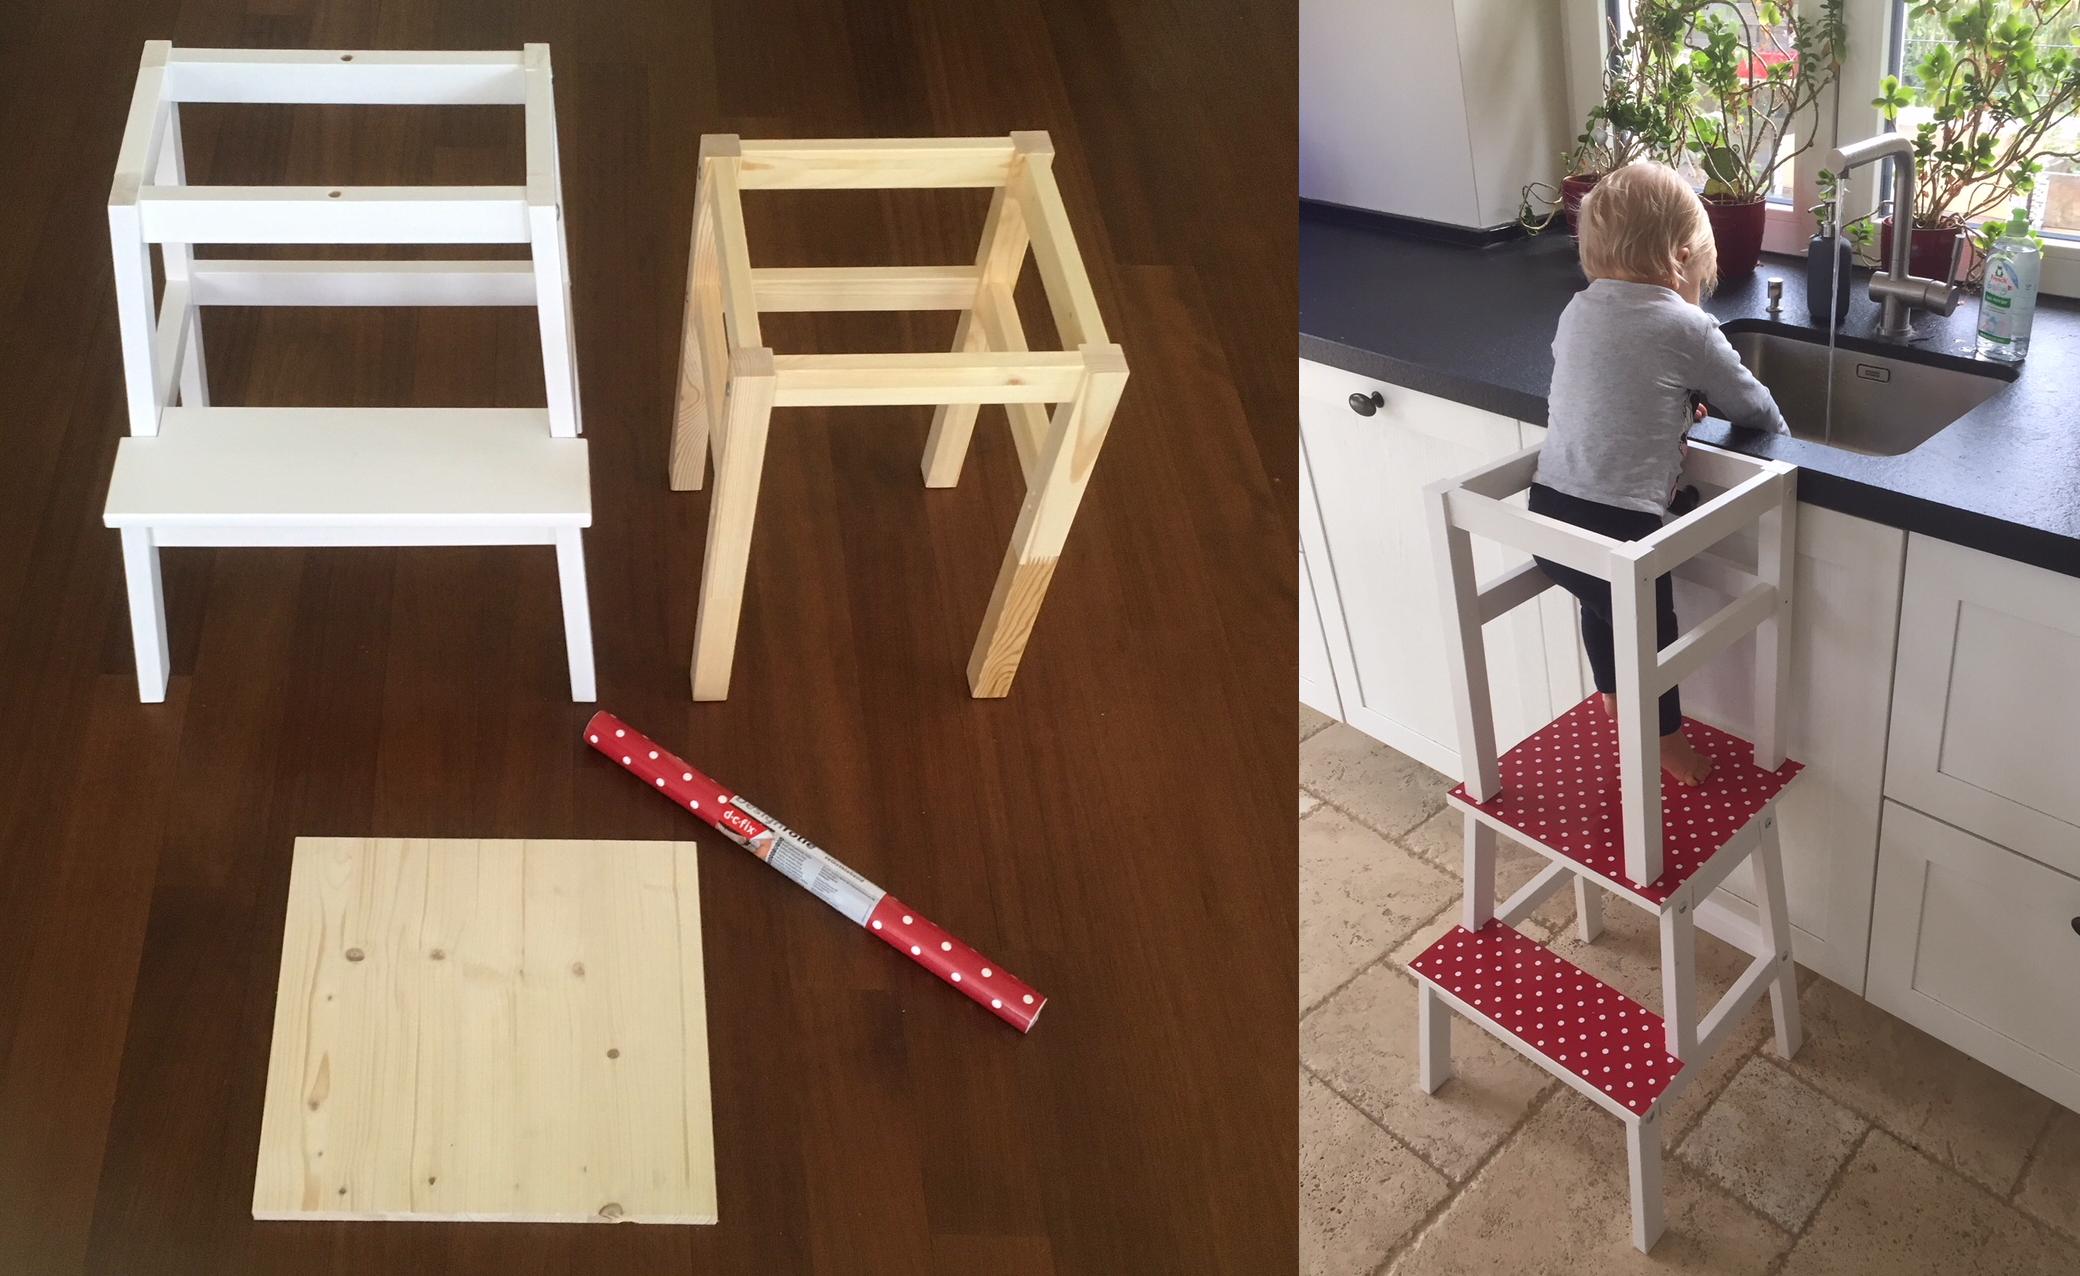 Lernturm Ganz Einfach Selbst Gebaut Ikea Hack Kunterbunt Und Lebensfroh